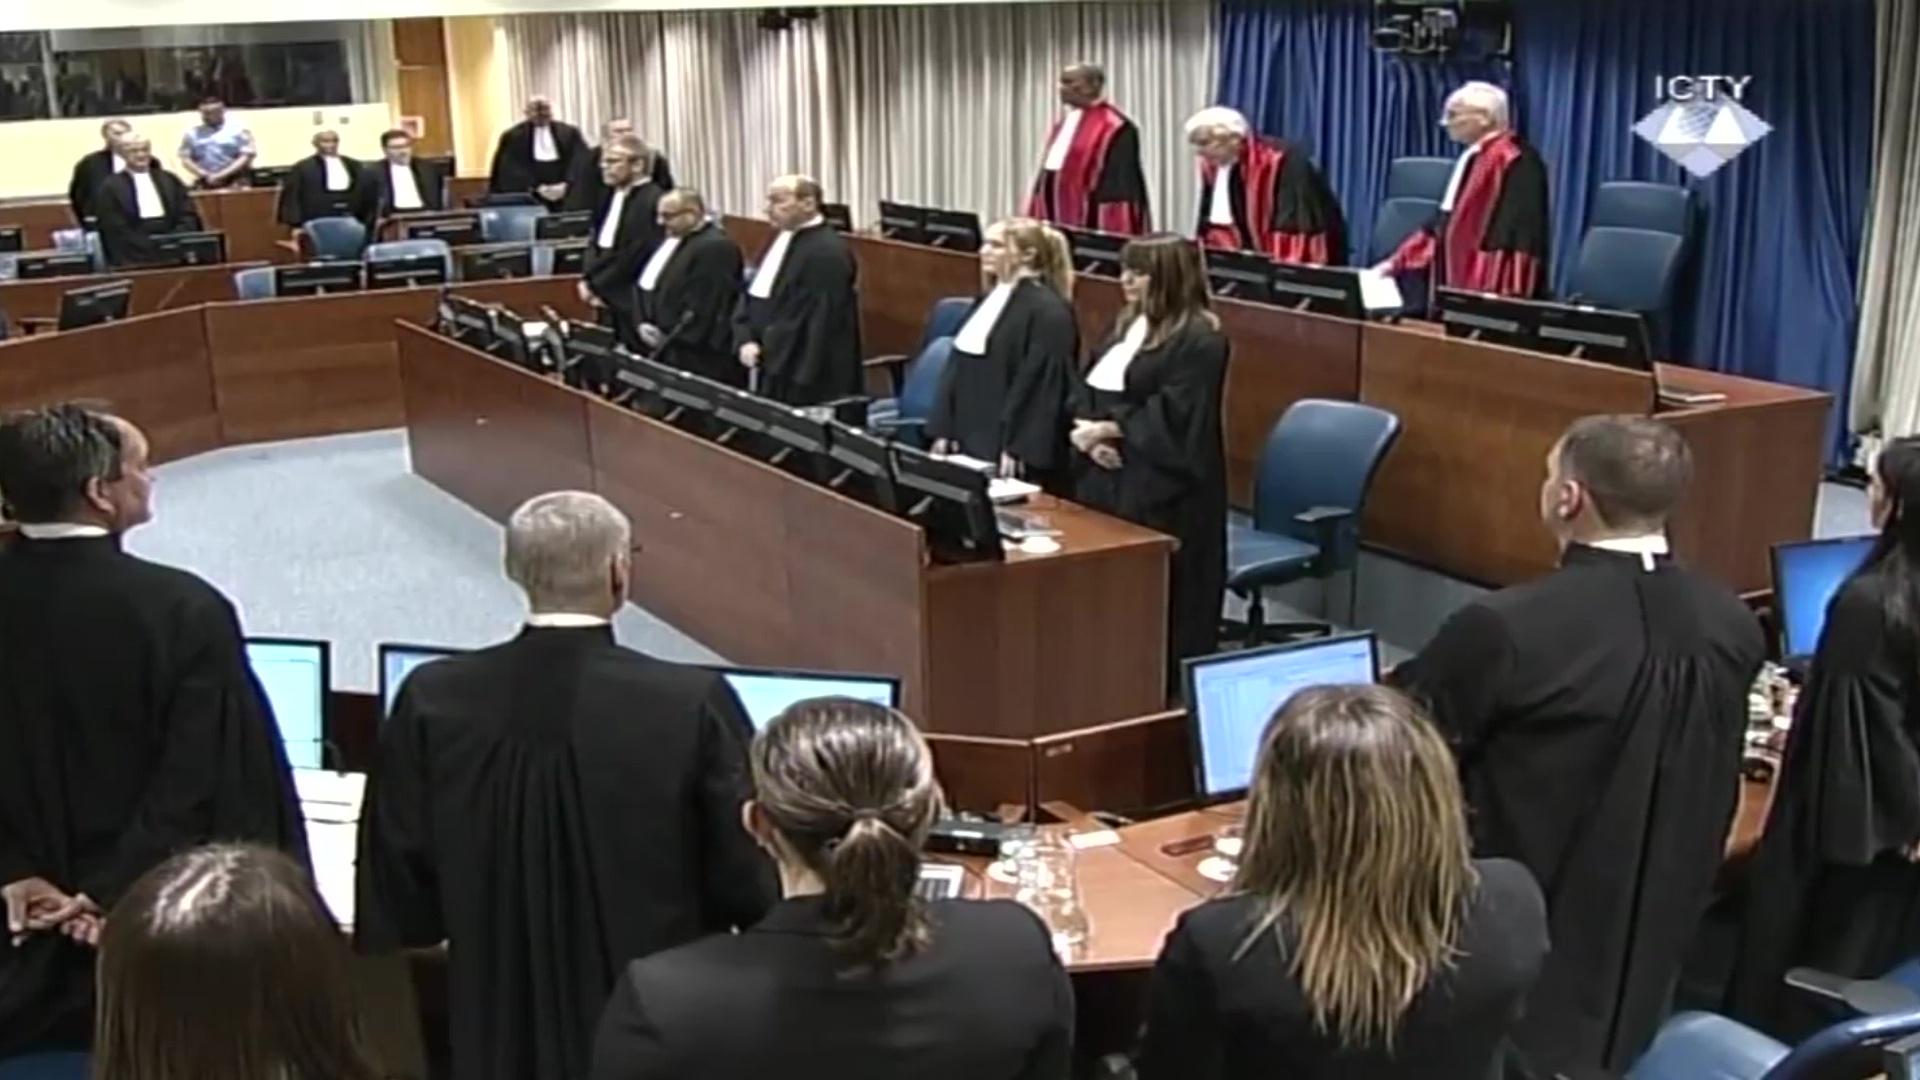 Gjykata e Hagës: Tudxhman mori pjesë në krime në Bosnjë